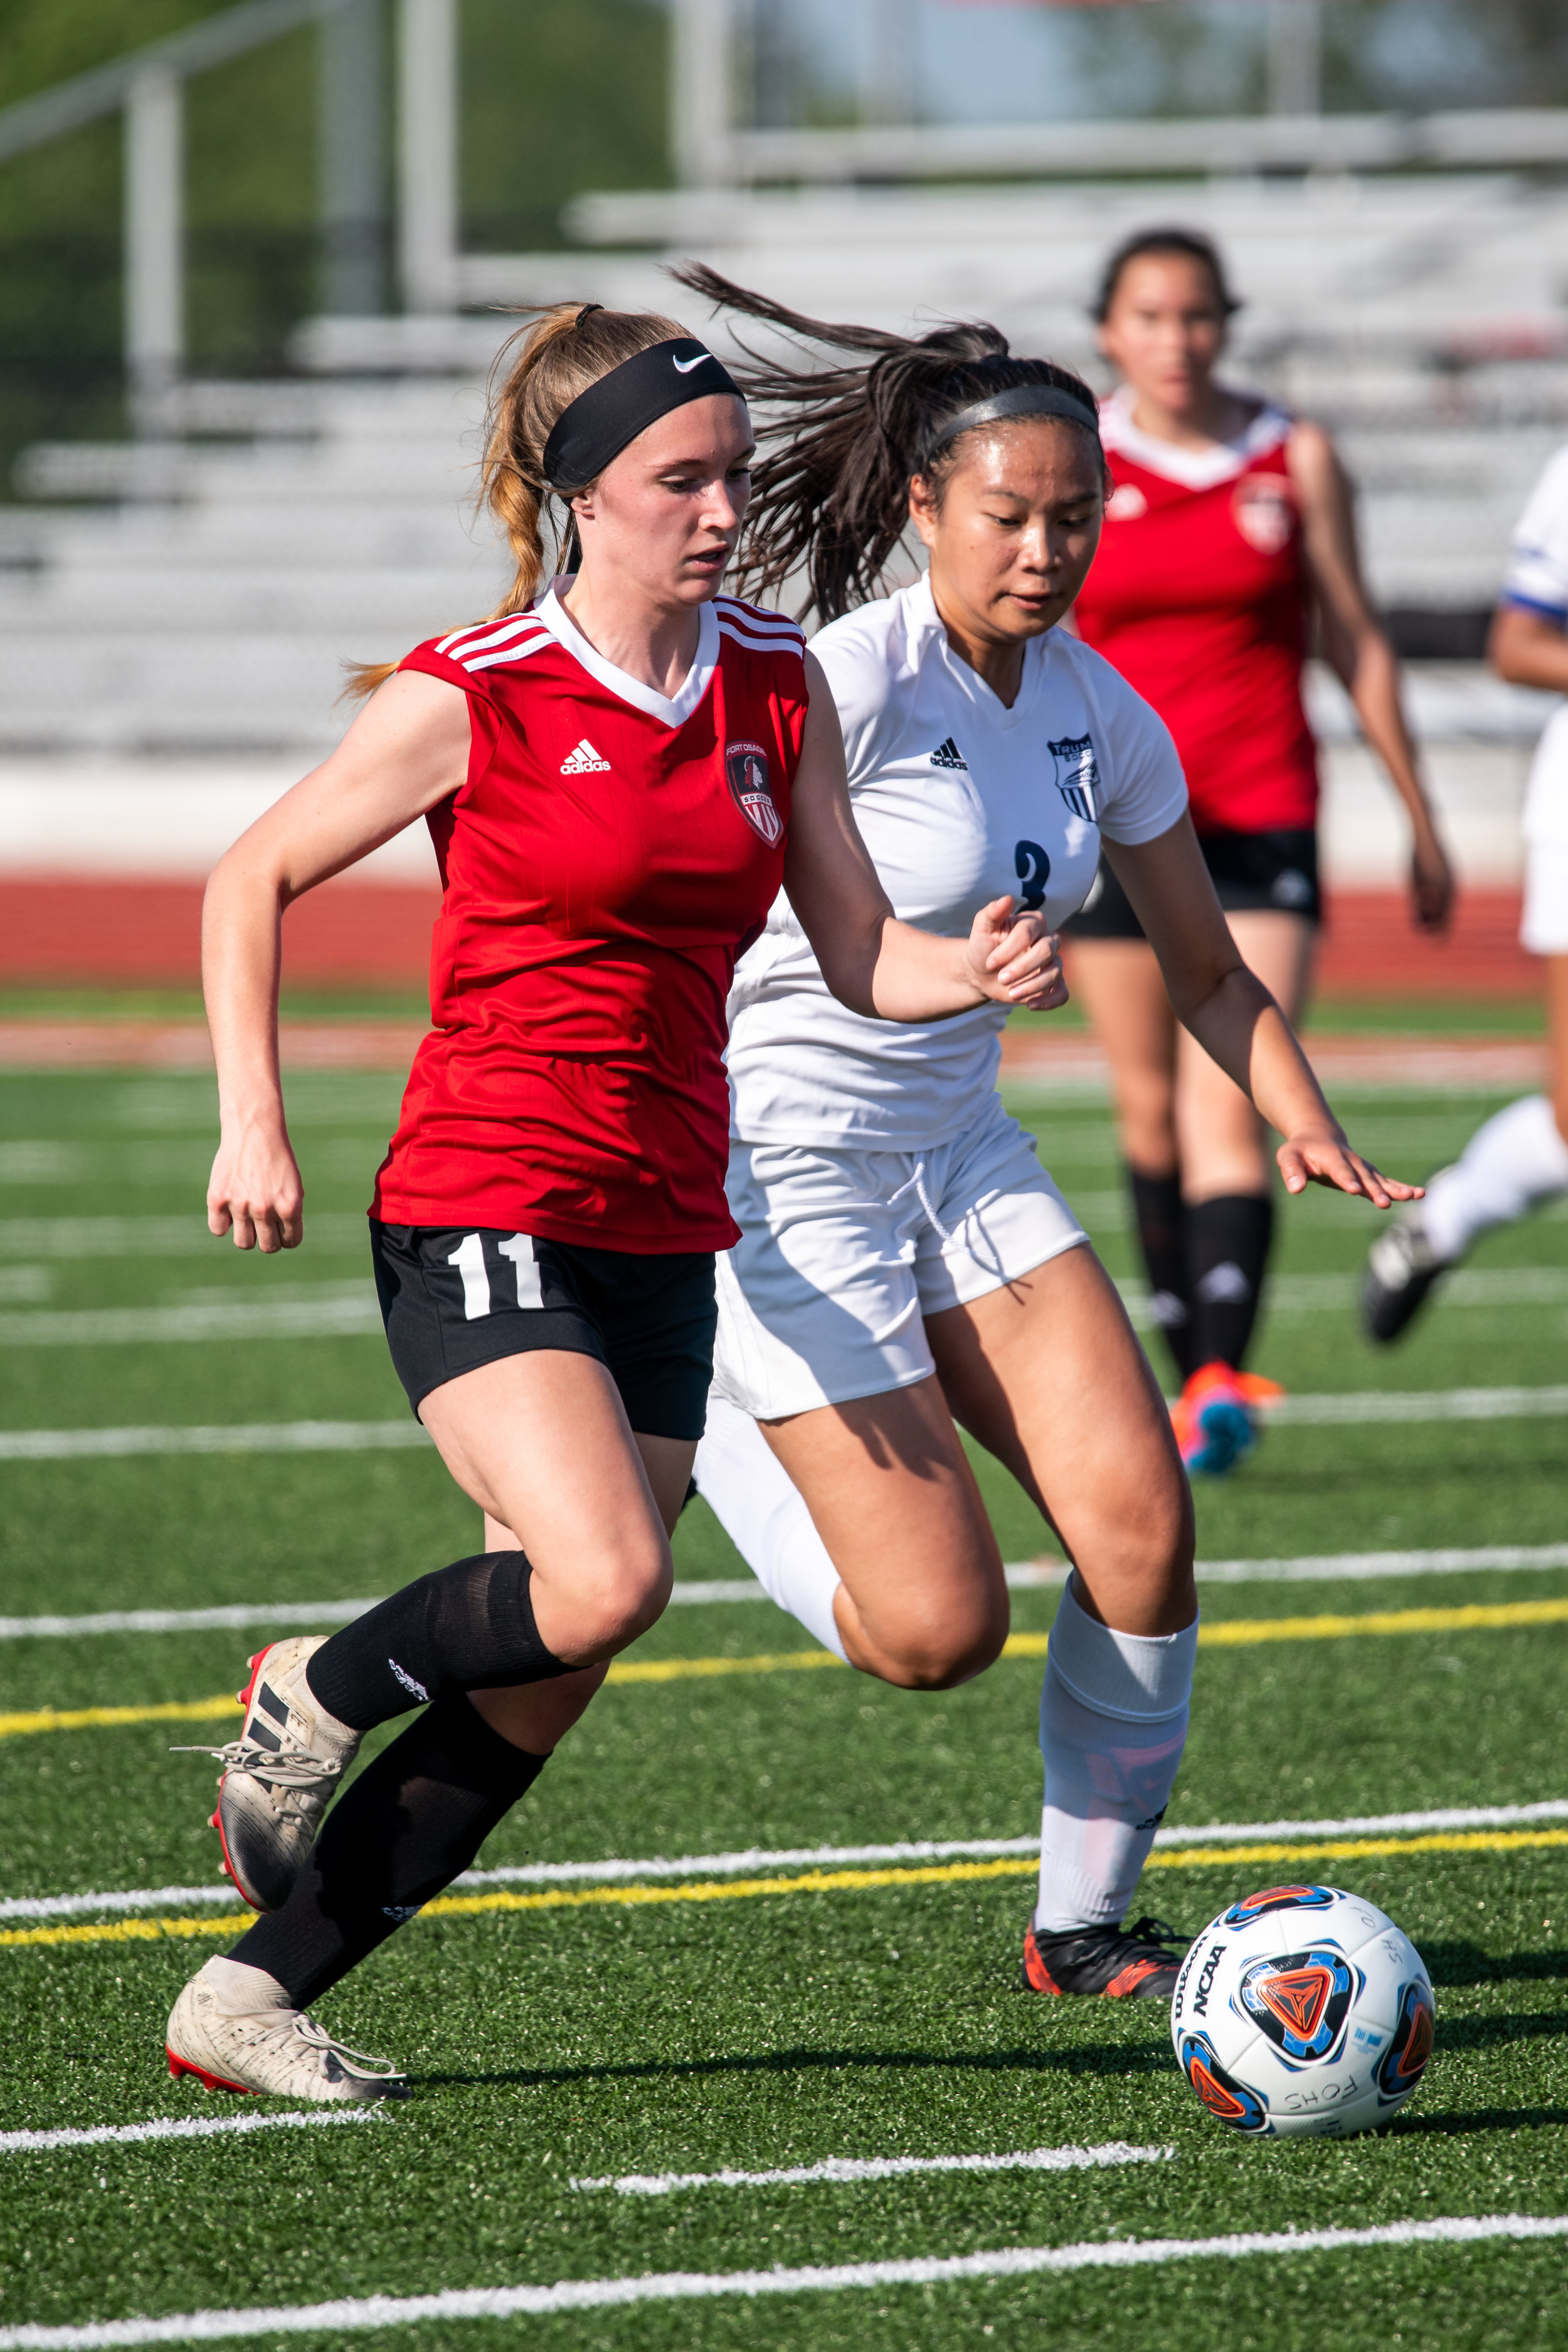 fort-osage-girls-soccer-vs-truman_32910772317_o.jpg